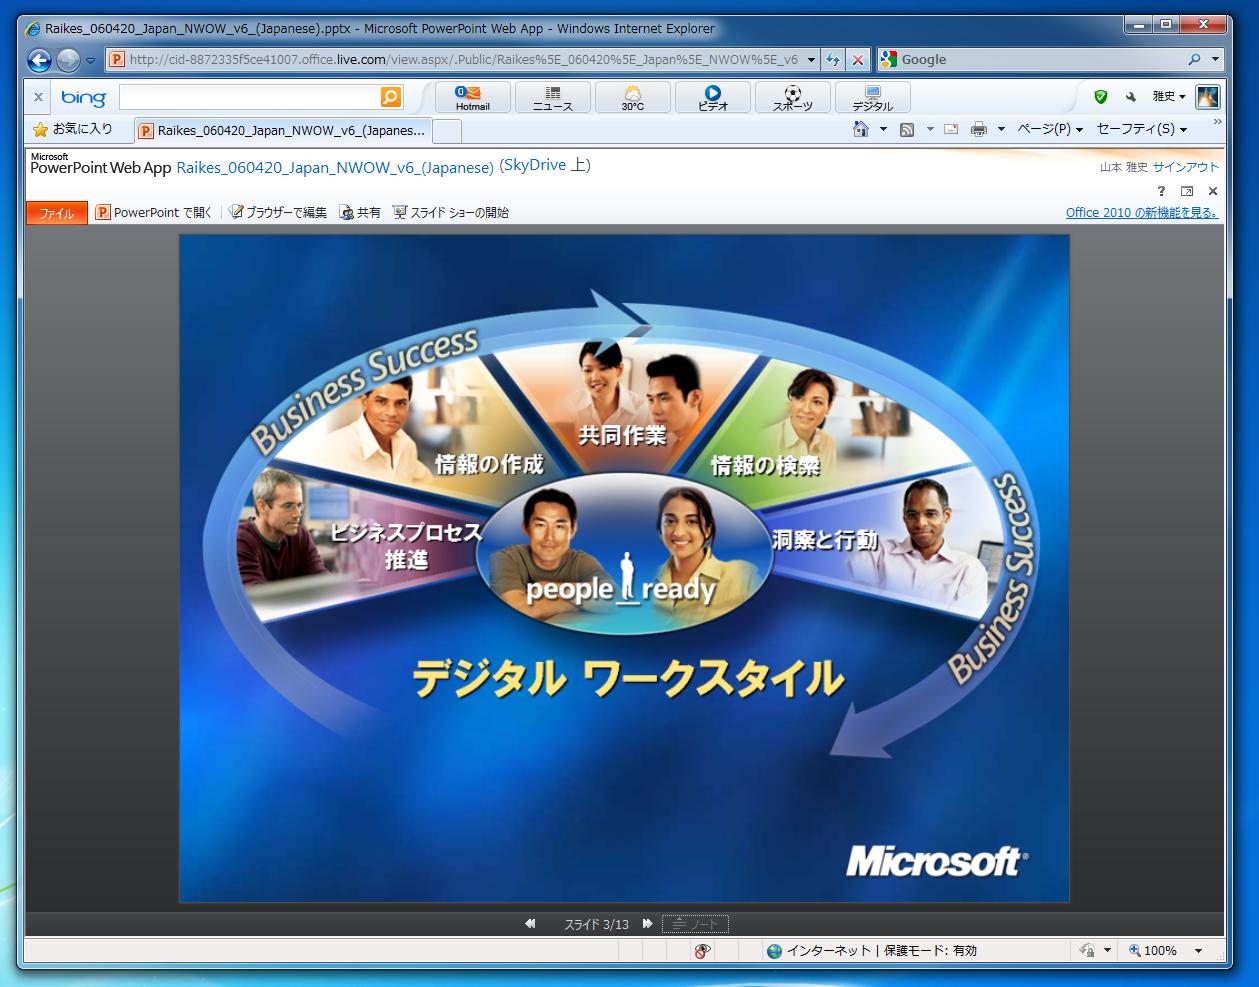 PowerPoint Web Appを使えば、ブラウザーでスライドショーを行うことができる